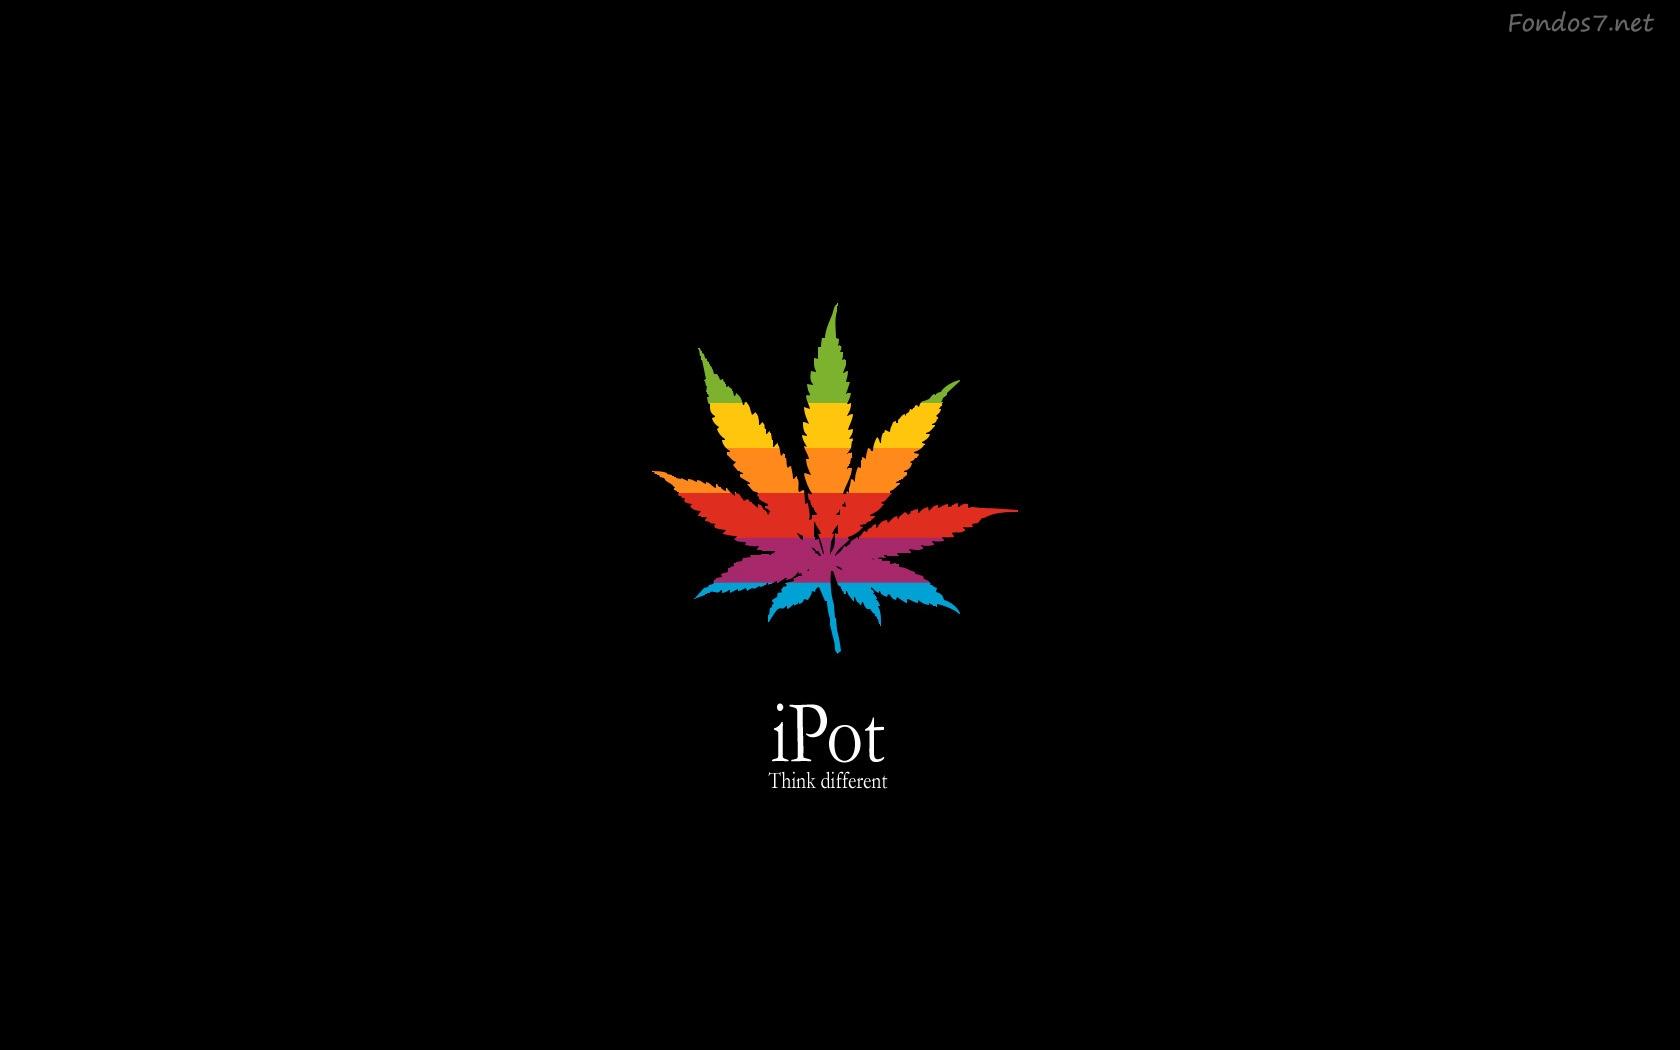 Descargar Fondos de pantalla ipod marihuana hd widescreen Gratis 1680x1050